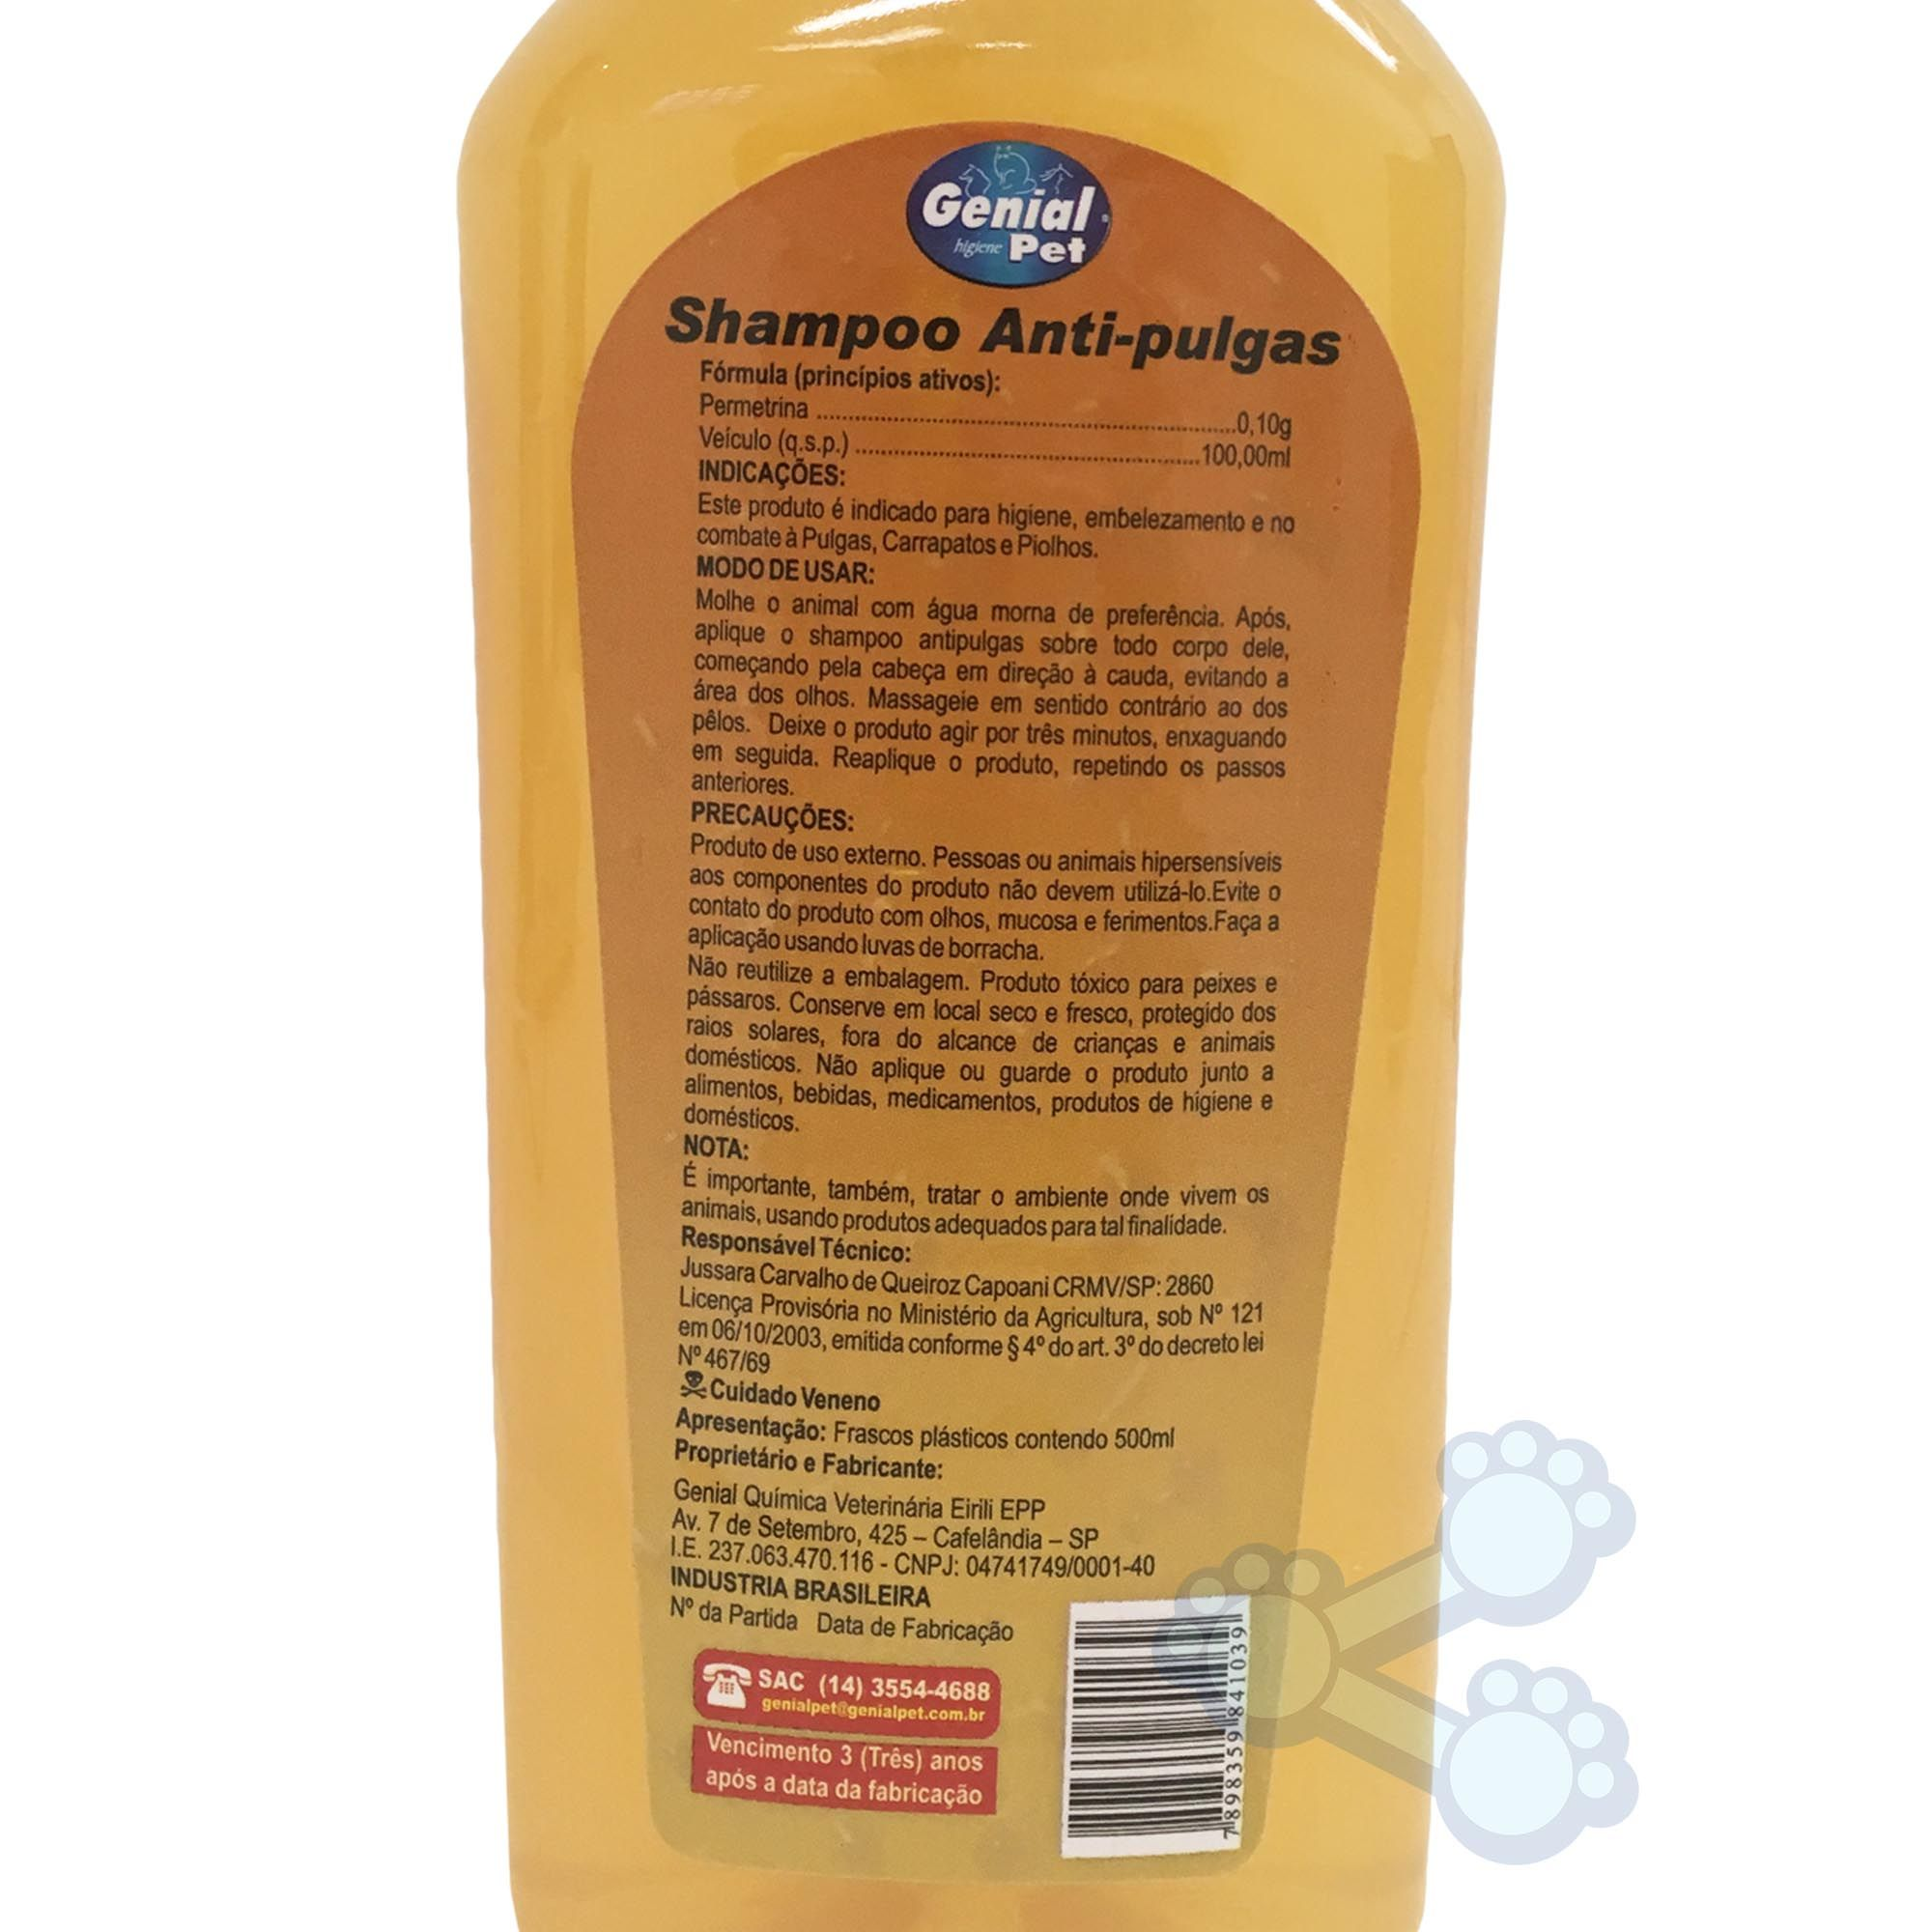 Shampoo Genial Pet Anti-Pulgas (500ml)